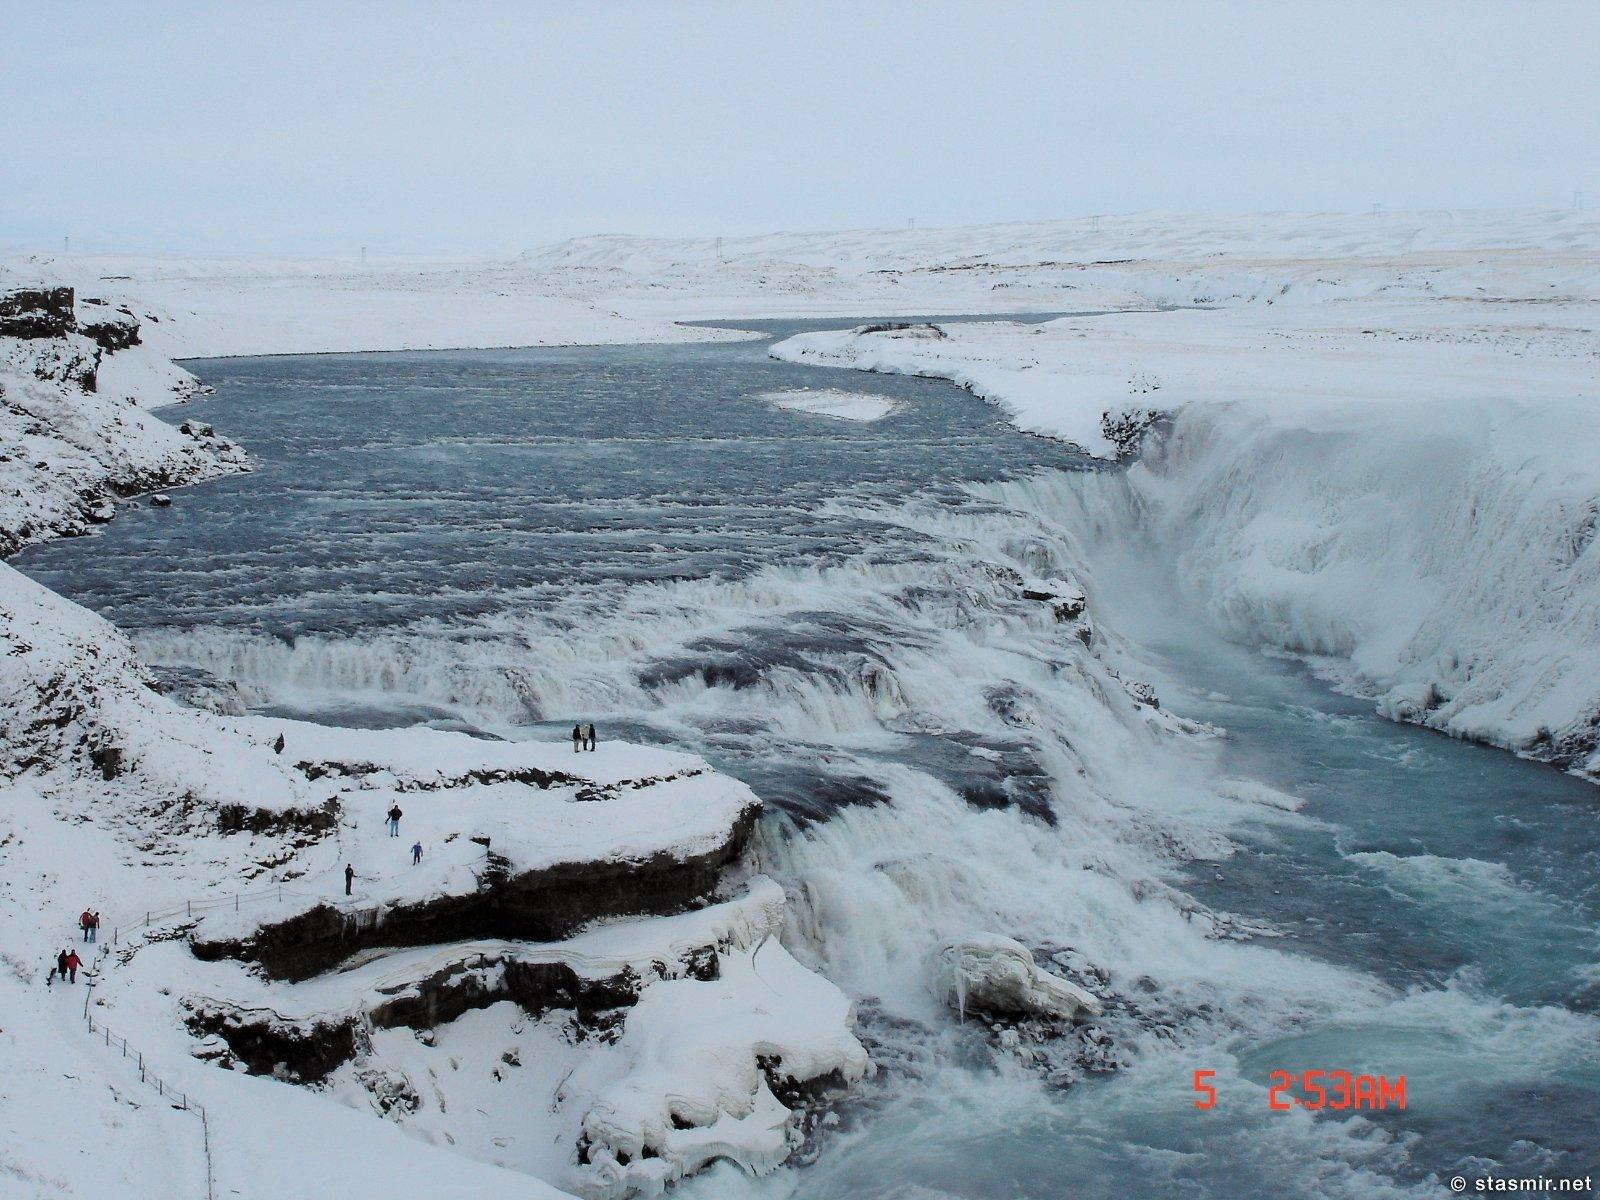 Золотой водопад зимой, Гюдльфосс во льдах, фото Стасмир, Photo Stasmir